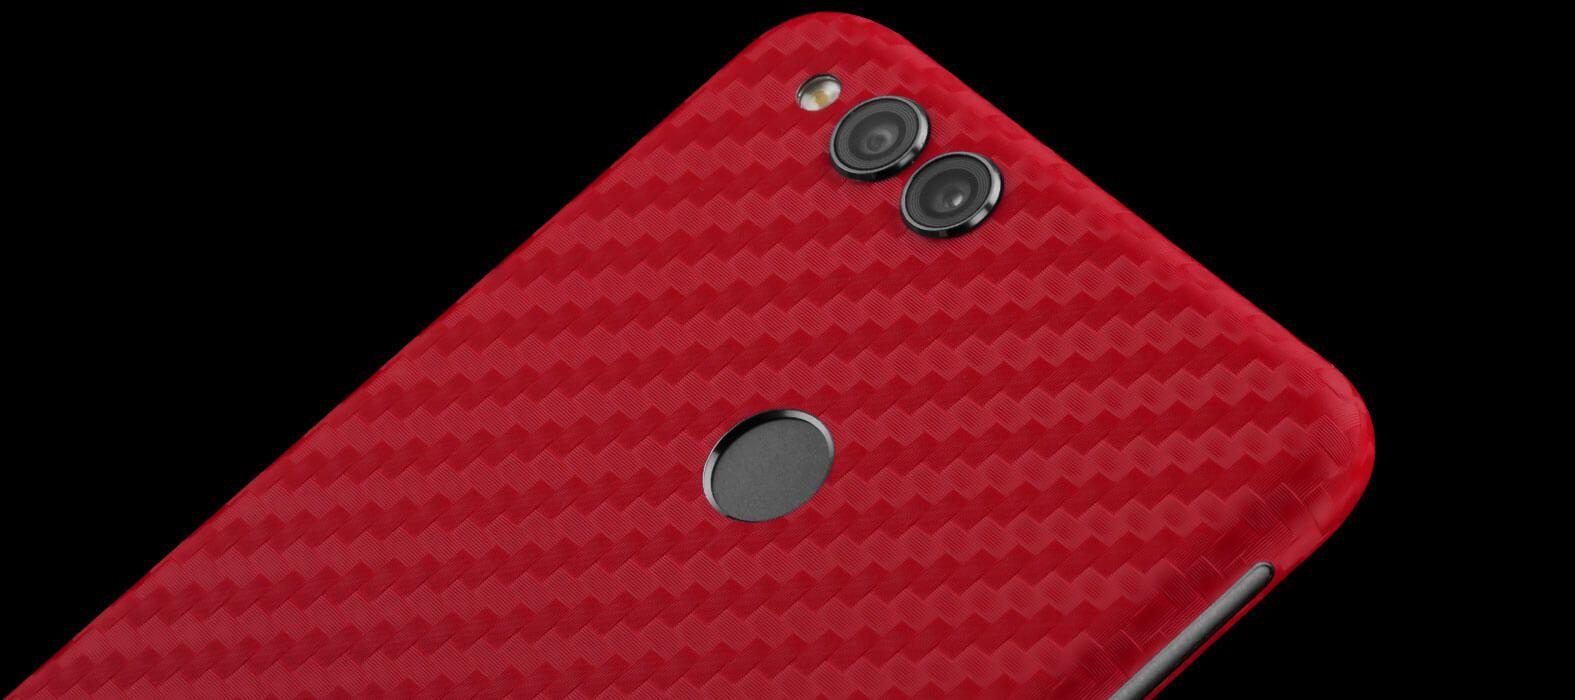 Huawei Honor 7X Skins